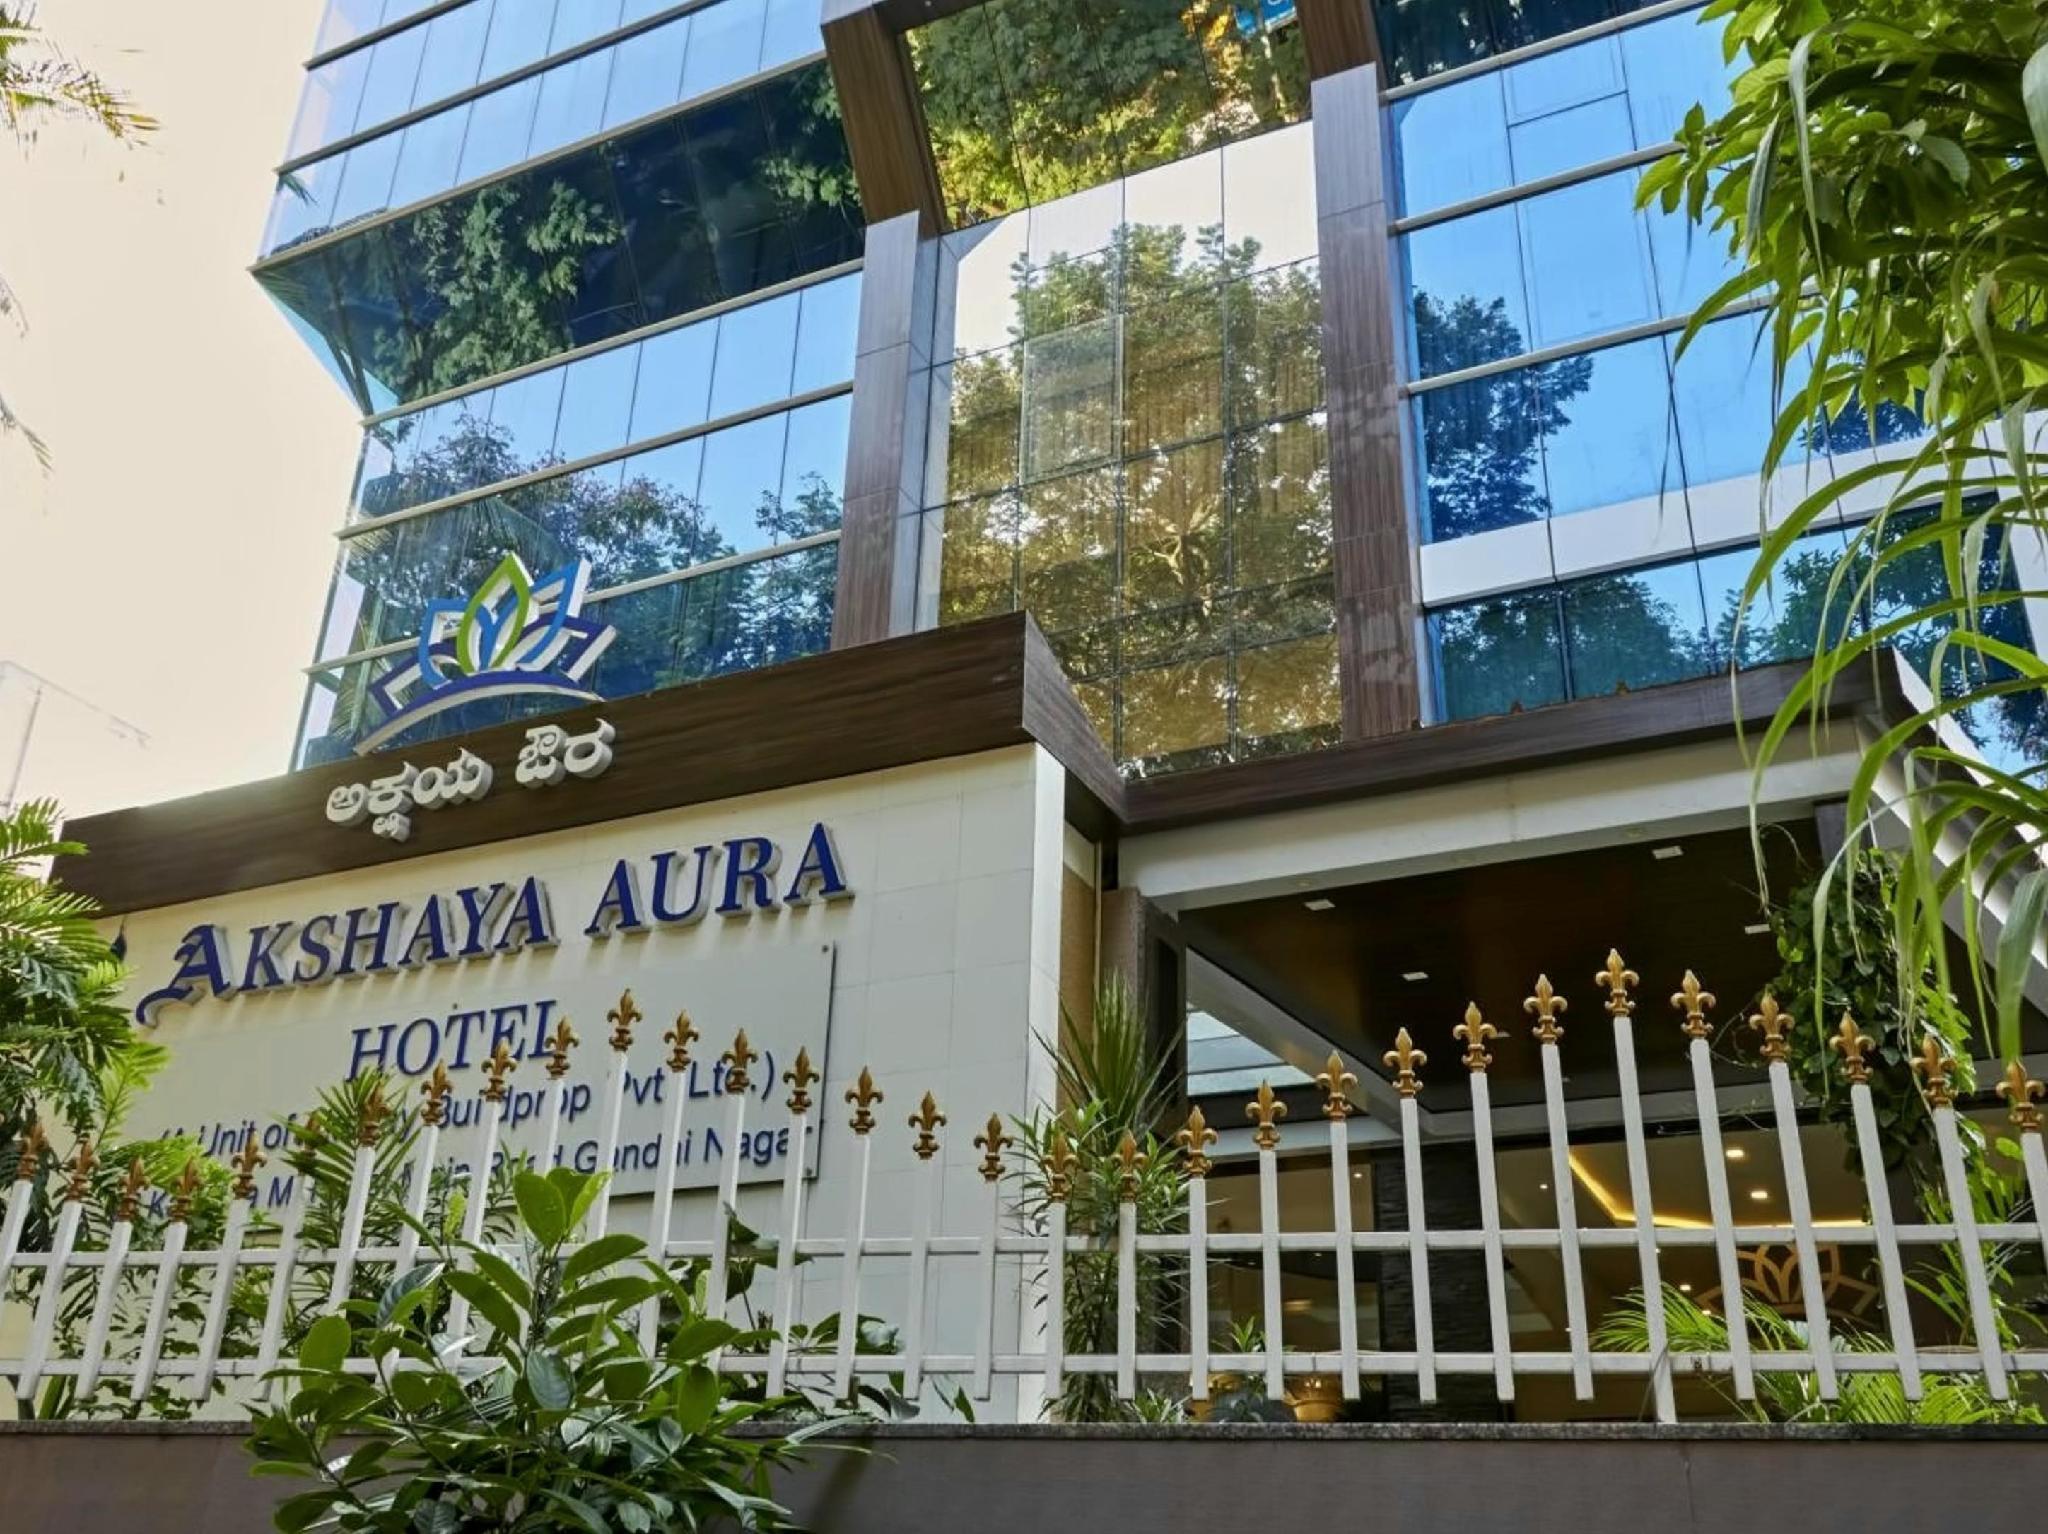 Akshaya Aura Hotel